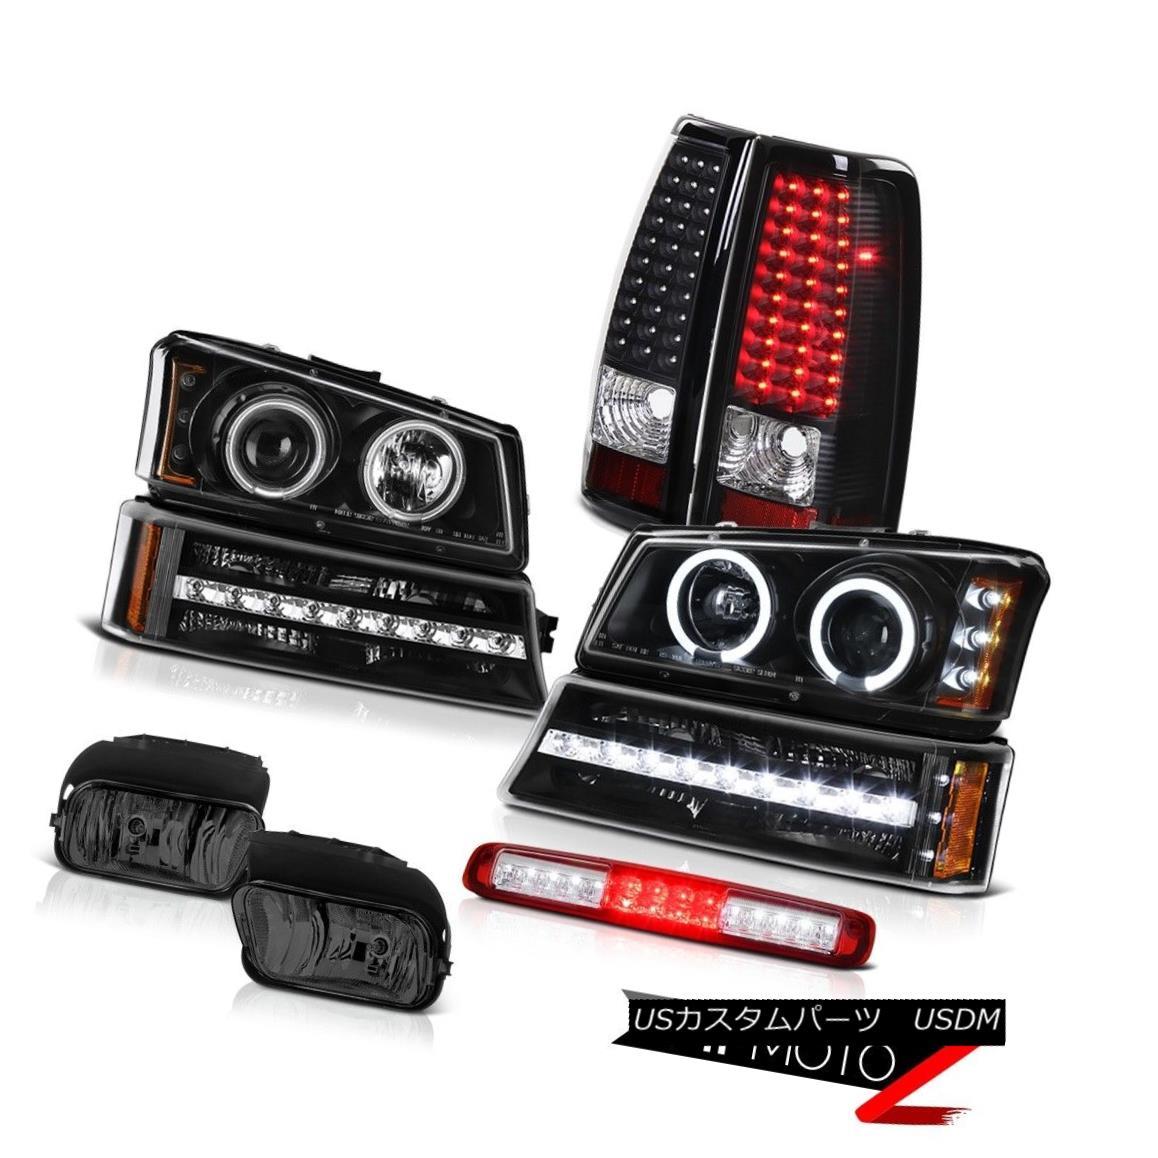 テールライト 03-06 Silverado Fog Lamps Red Roof Cargo Light Bumper Headlamps Taillights LED 03-06 SilveradoフォグランプレッドルーフカーゴライトバンパーヘッドランプテールランプLED